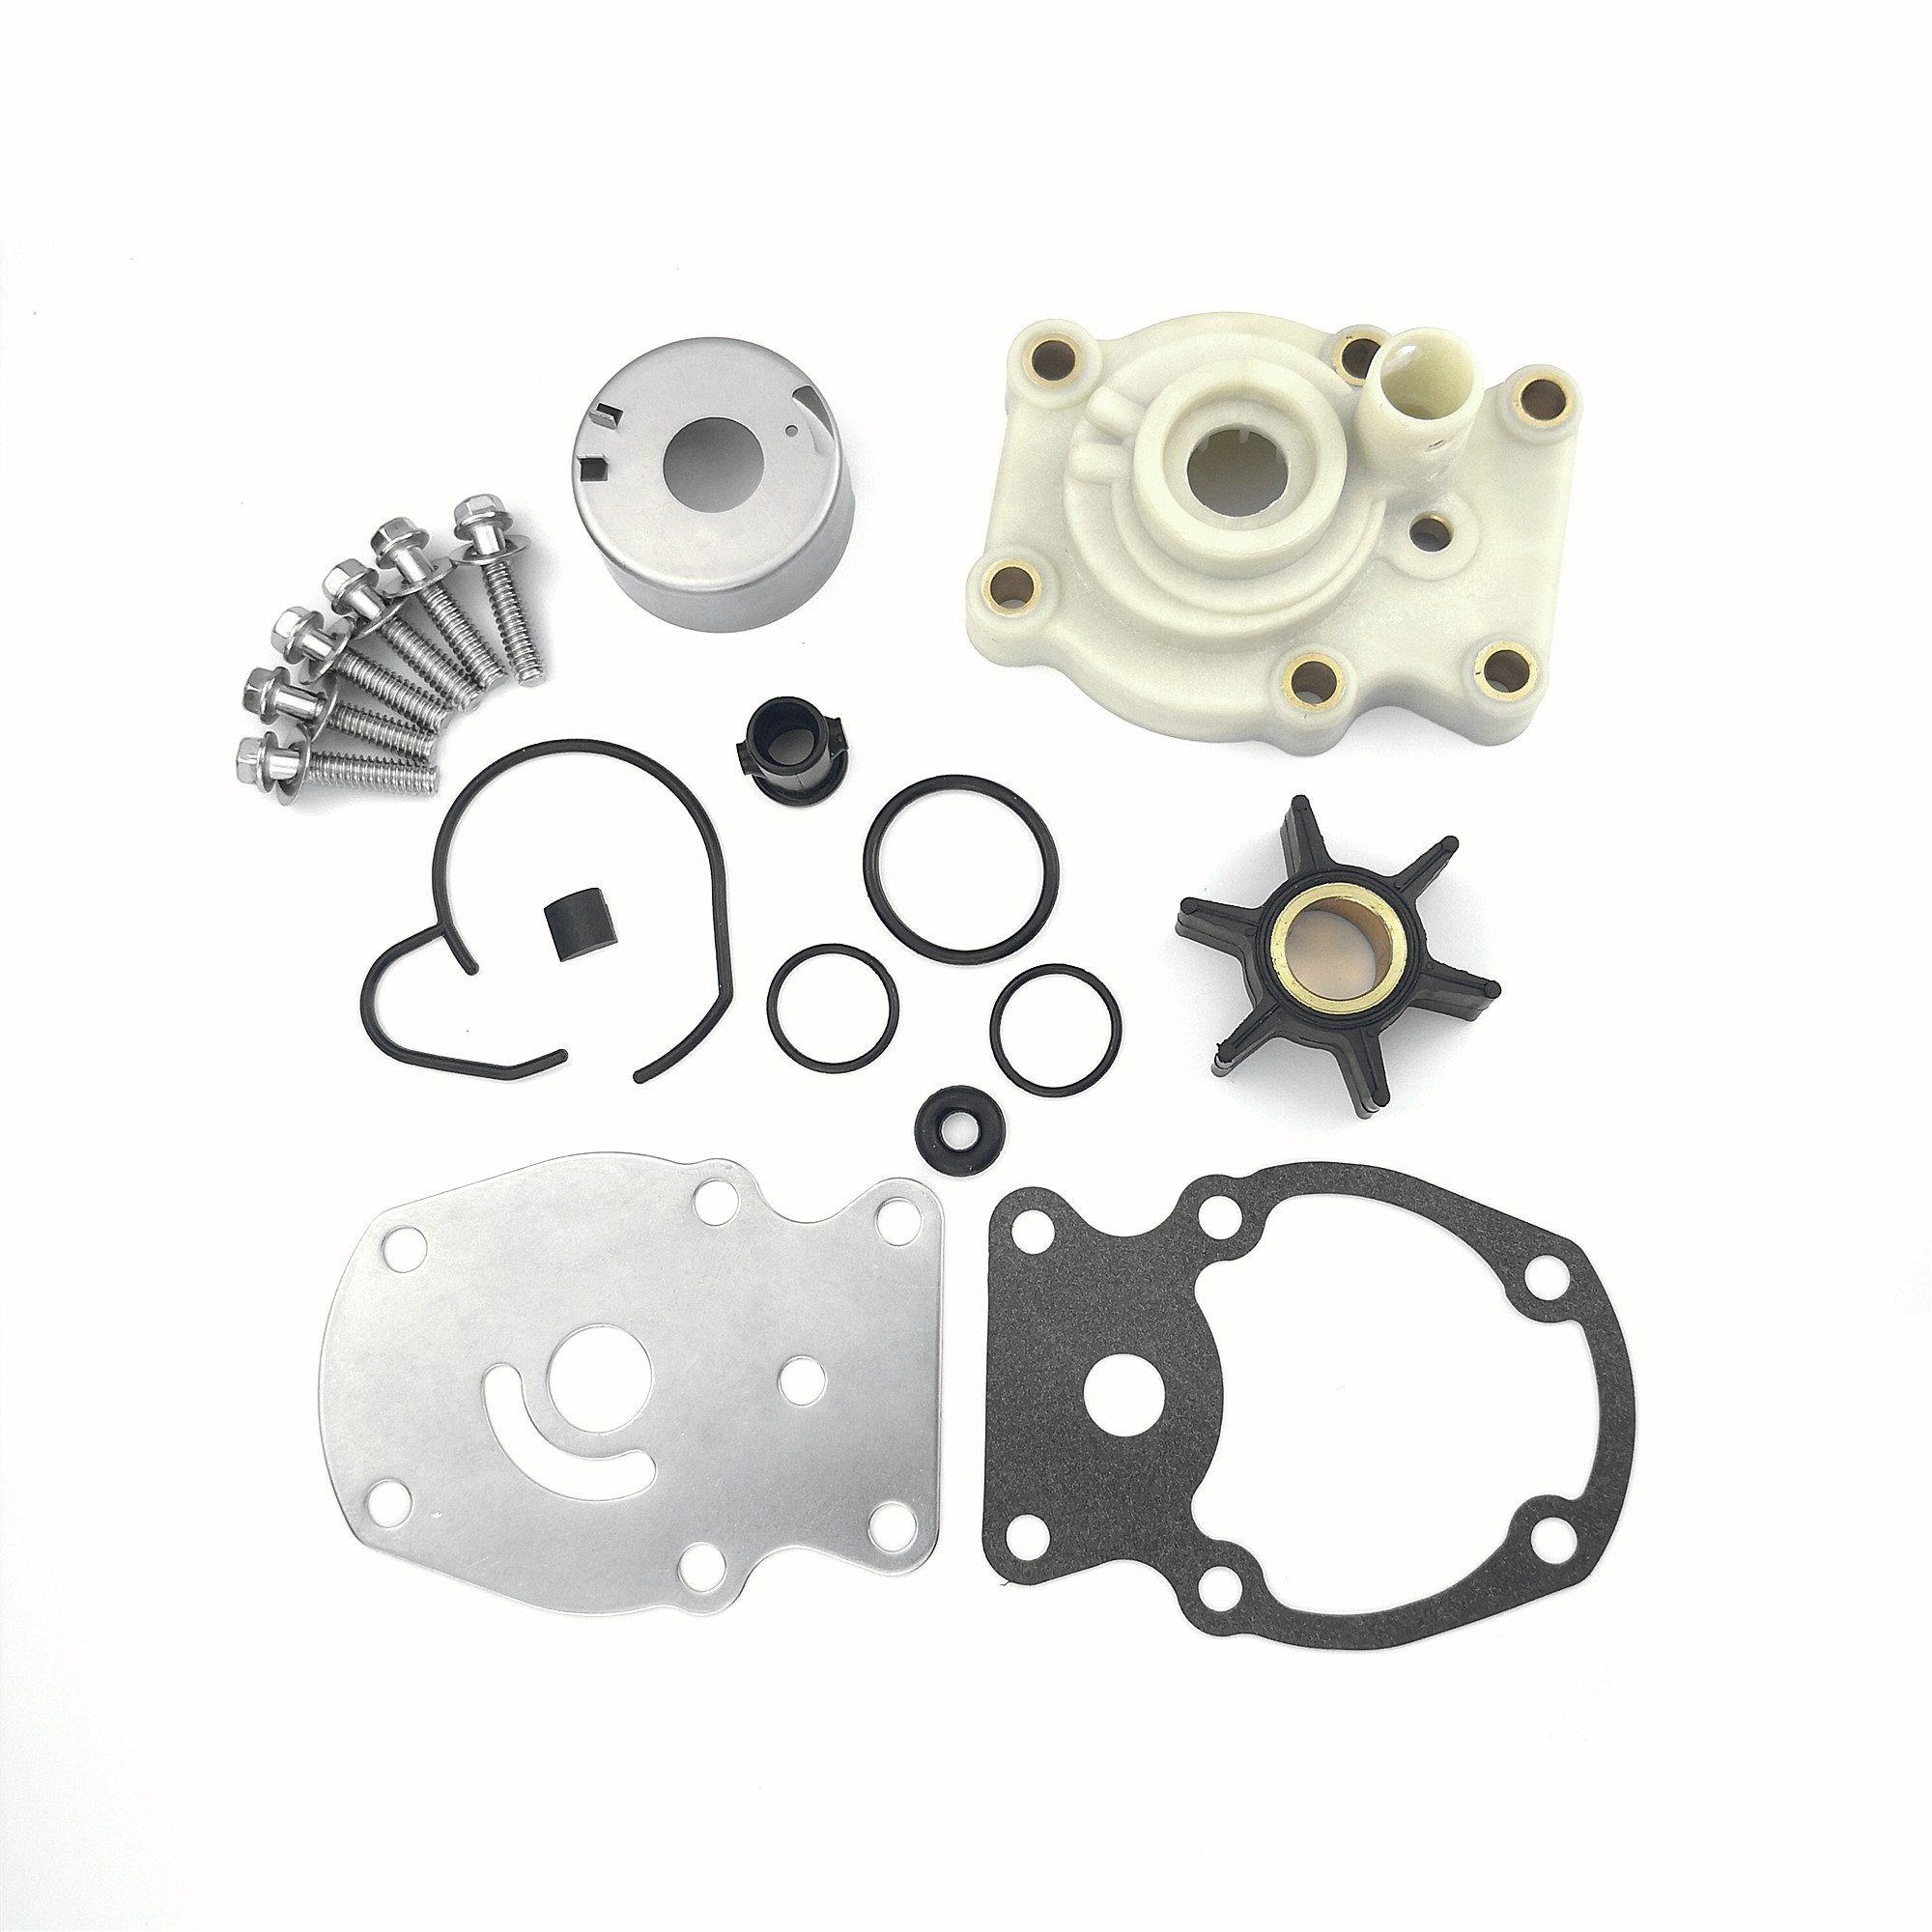 Water Pump Rebuild Repair Kit 1 Set Water Pump Repair Impeller Kit For Johnson Evinrude 20//25//30//35hp Outboard Motors 393630